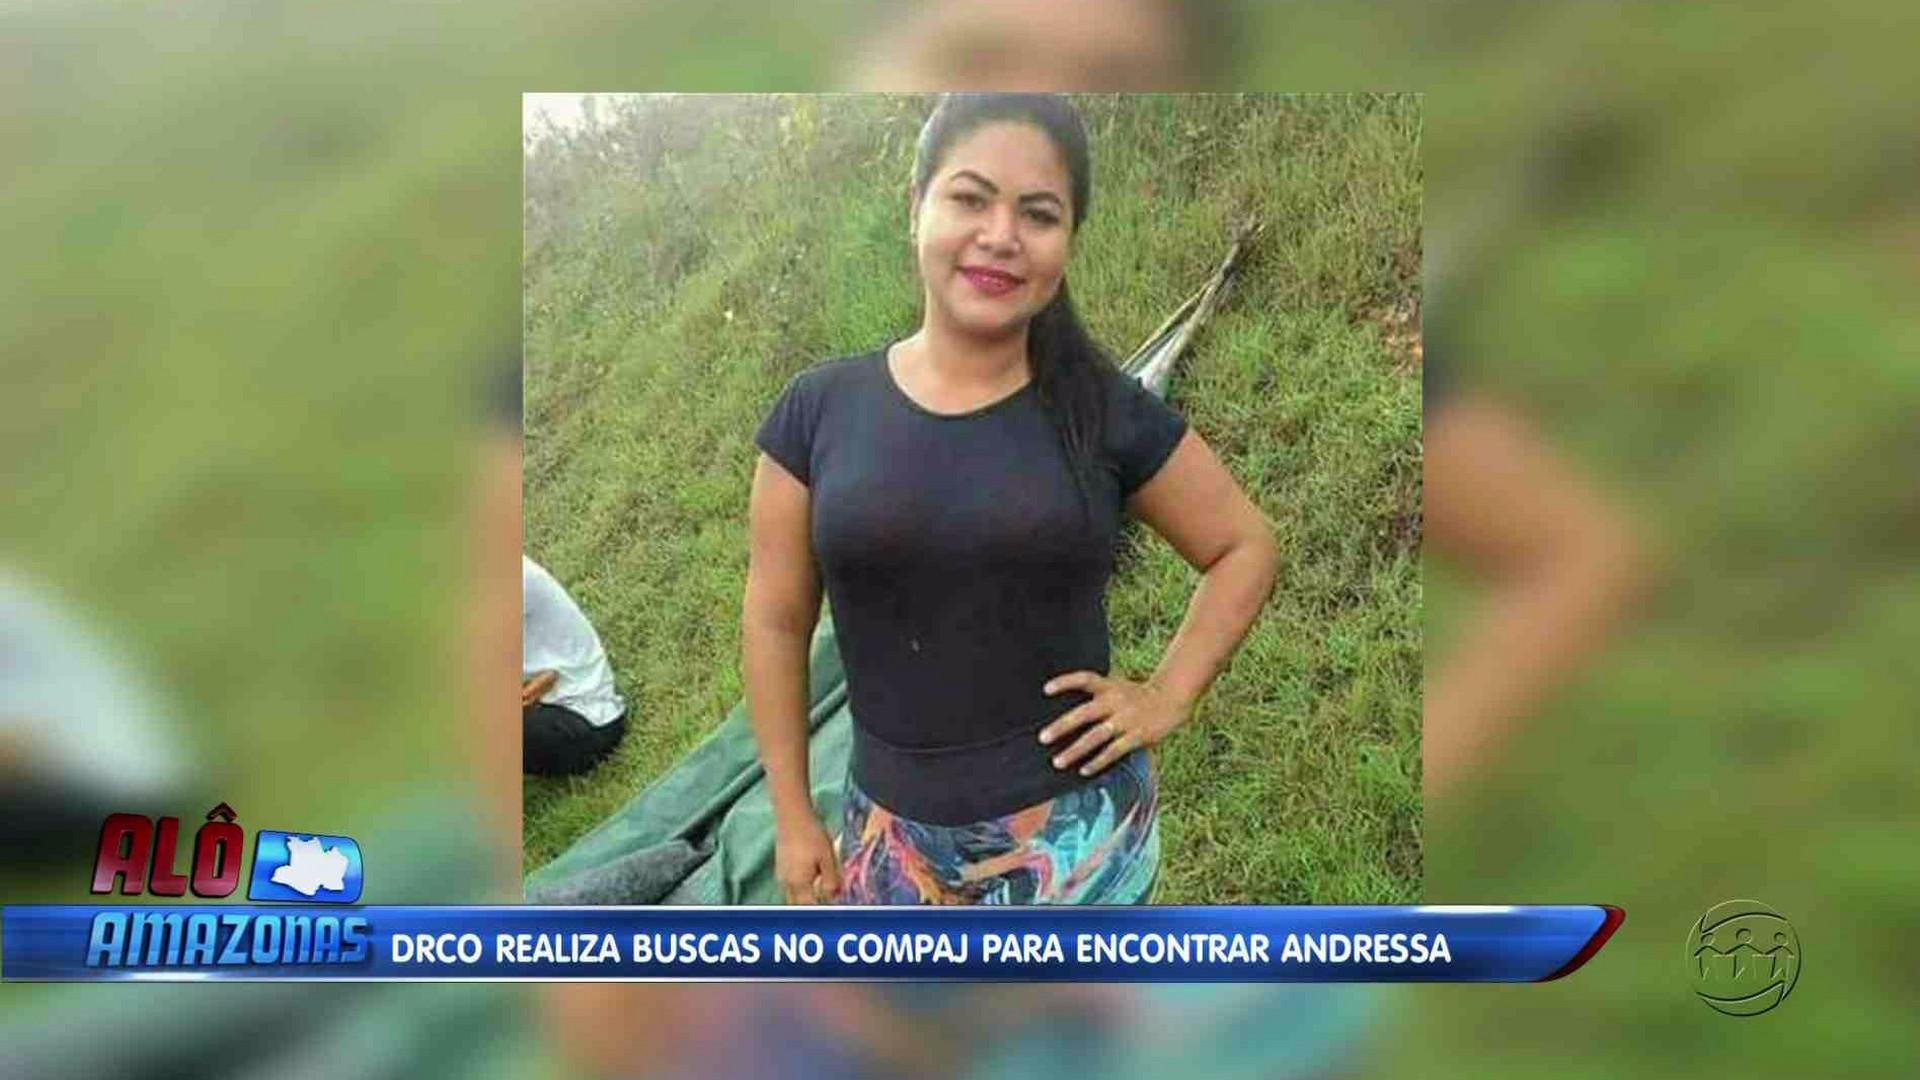 DESAPARECIMENTO DE ANDRESSA CASTILHO PODE TER RELAÇÃO COM MORTE DE EX-DETENTO - Alô Amazonas 07/12/1